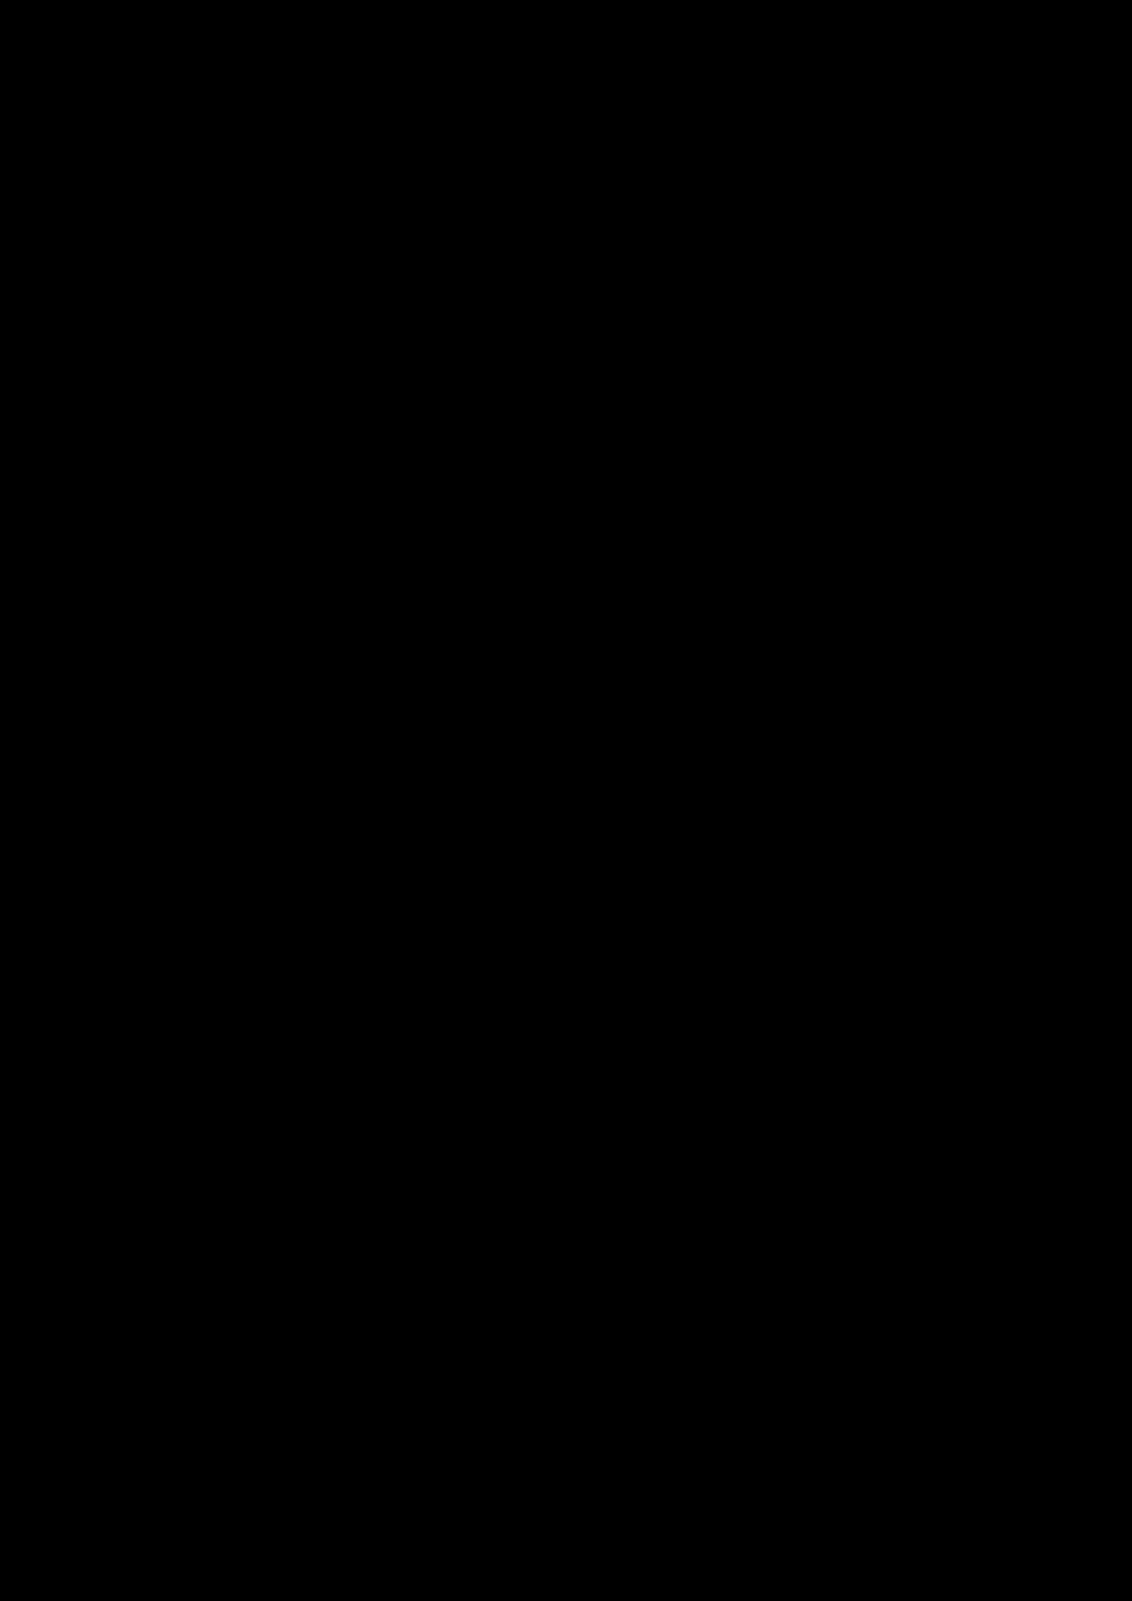 Osobyiy Rezon slide, Image 6